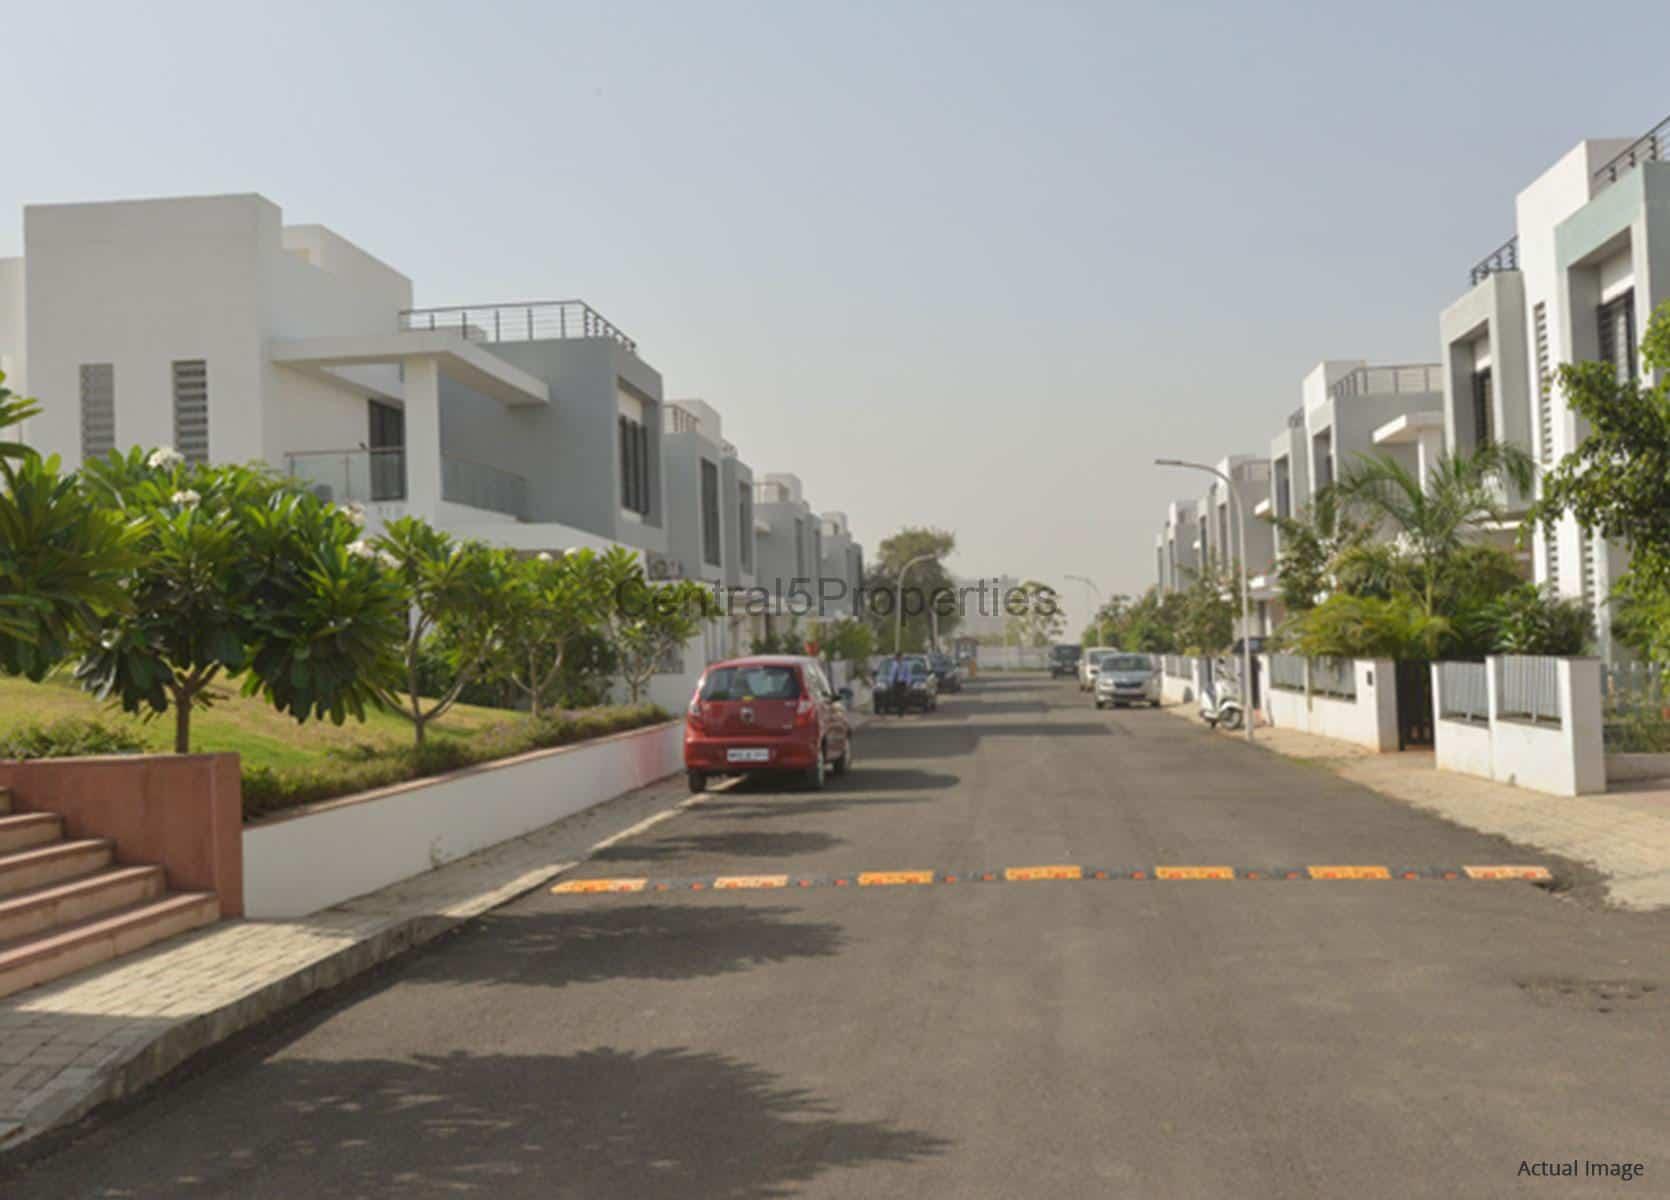 Villas properties to buy in Pune Wagholi